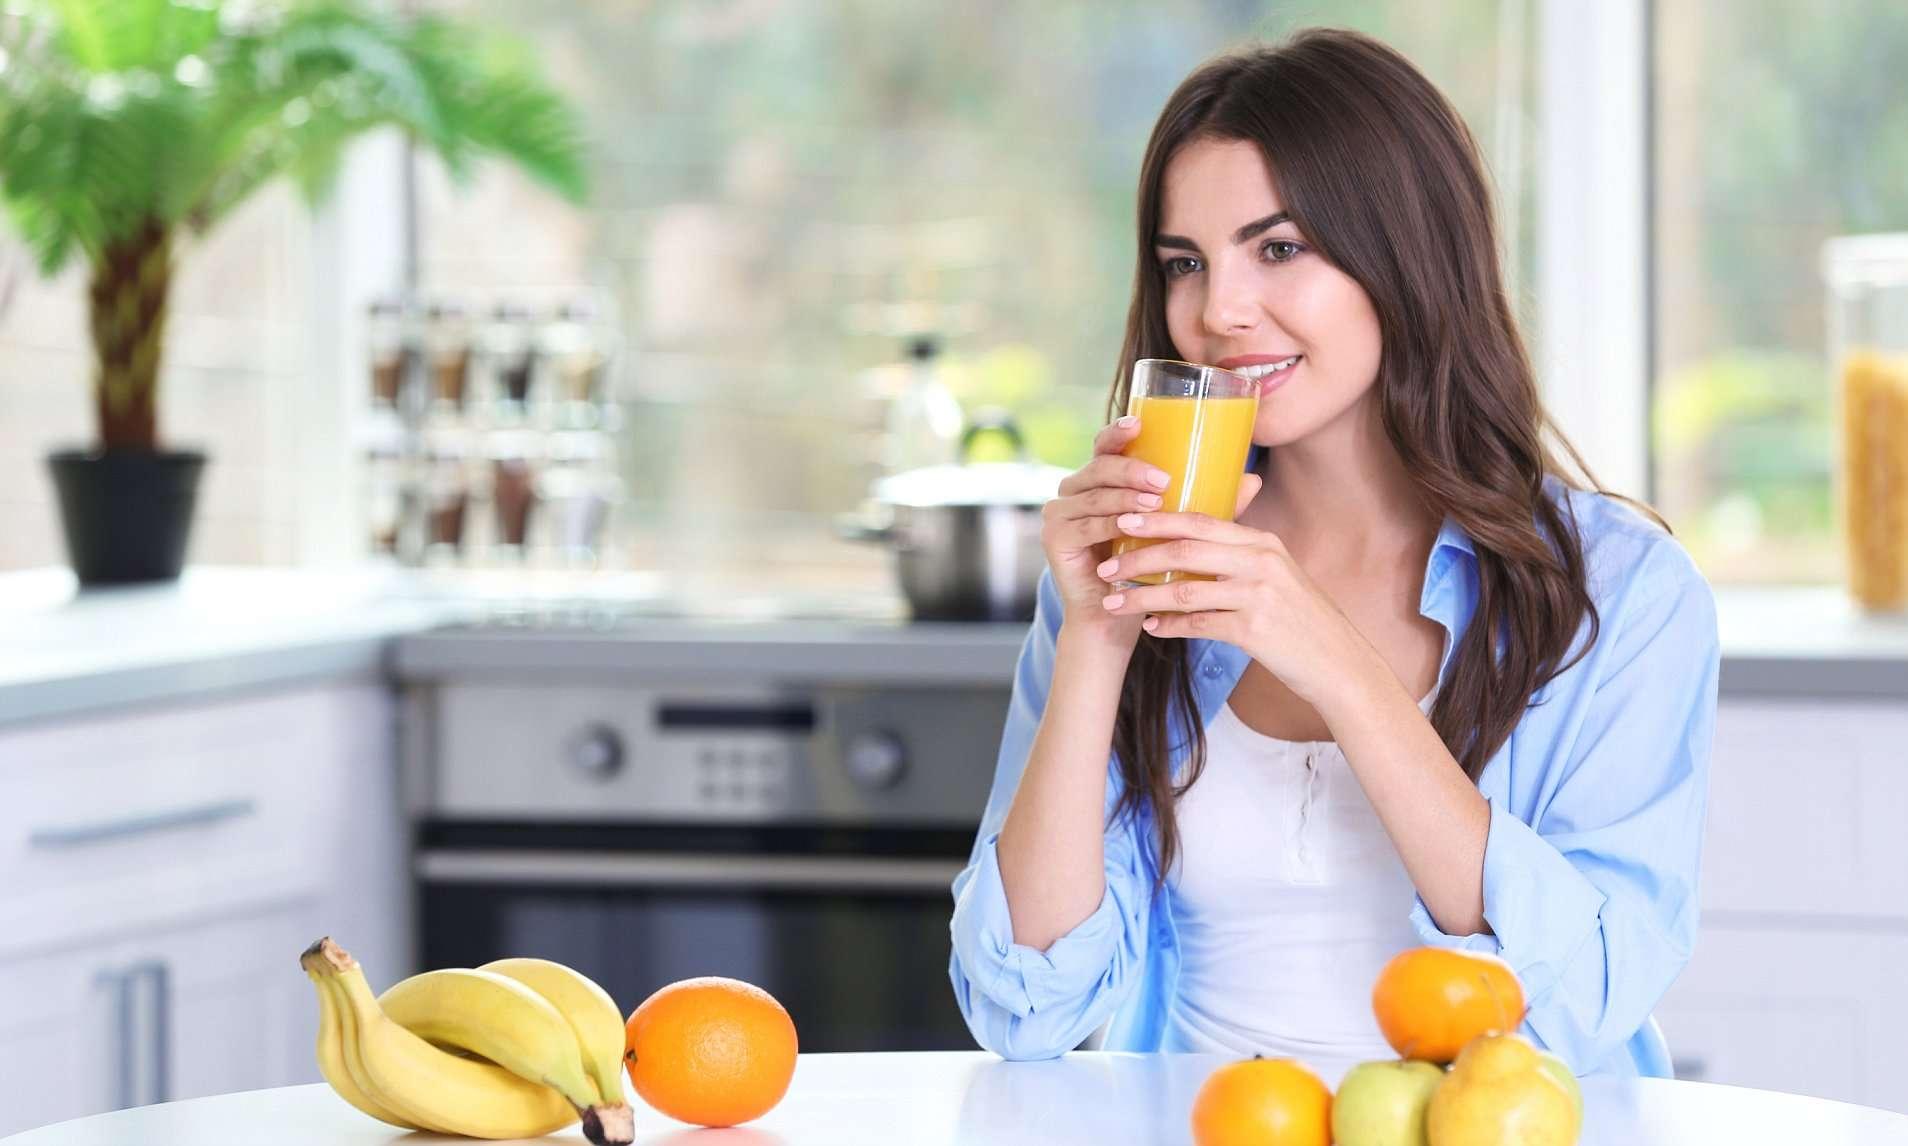 डार्क सर्कल से छुटकारा पाने के लिए आज से ही शामिल करें खाने में ये फल और सलाद